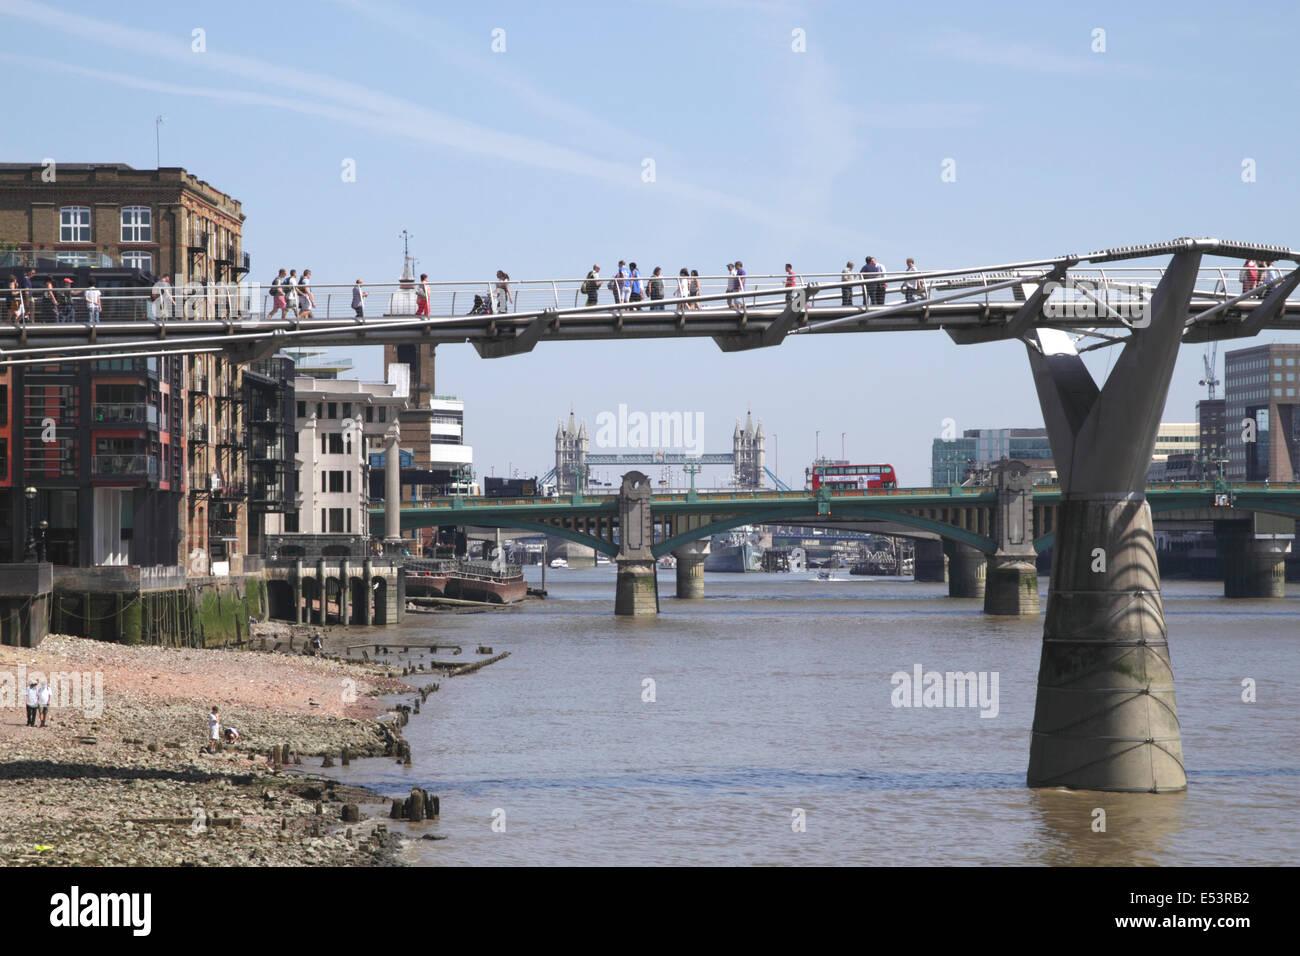 London Bridges Millennium Bridge in foreground - Stock Image